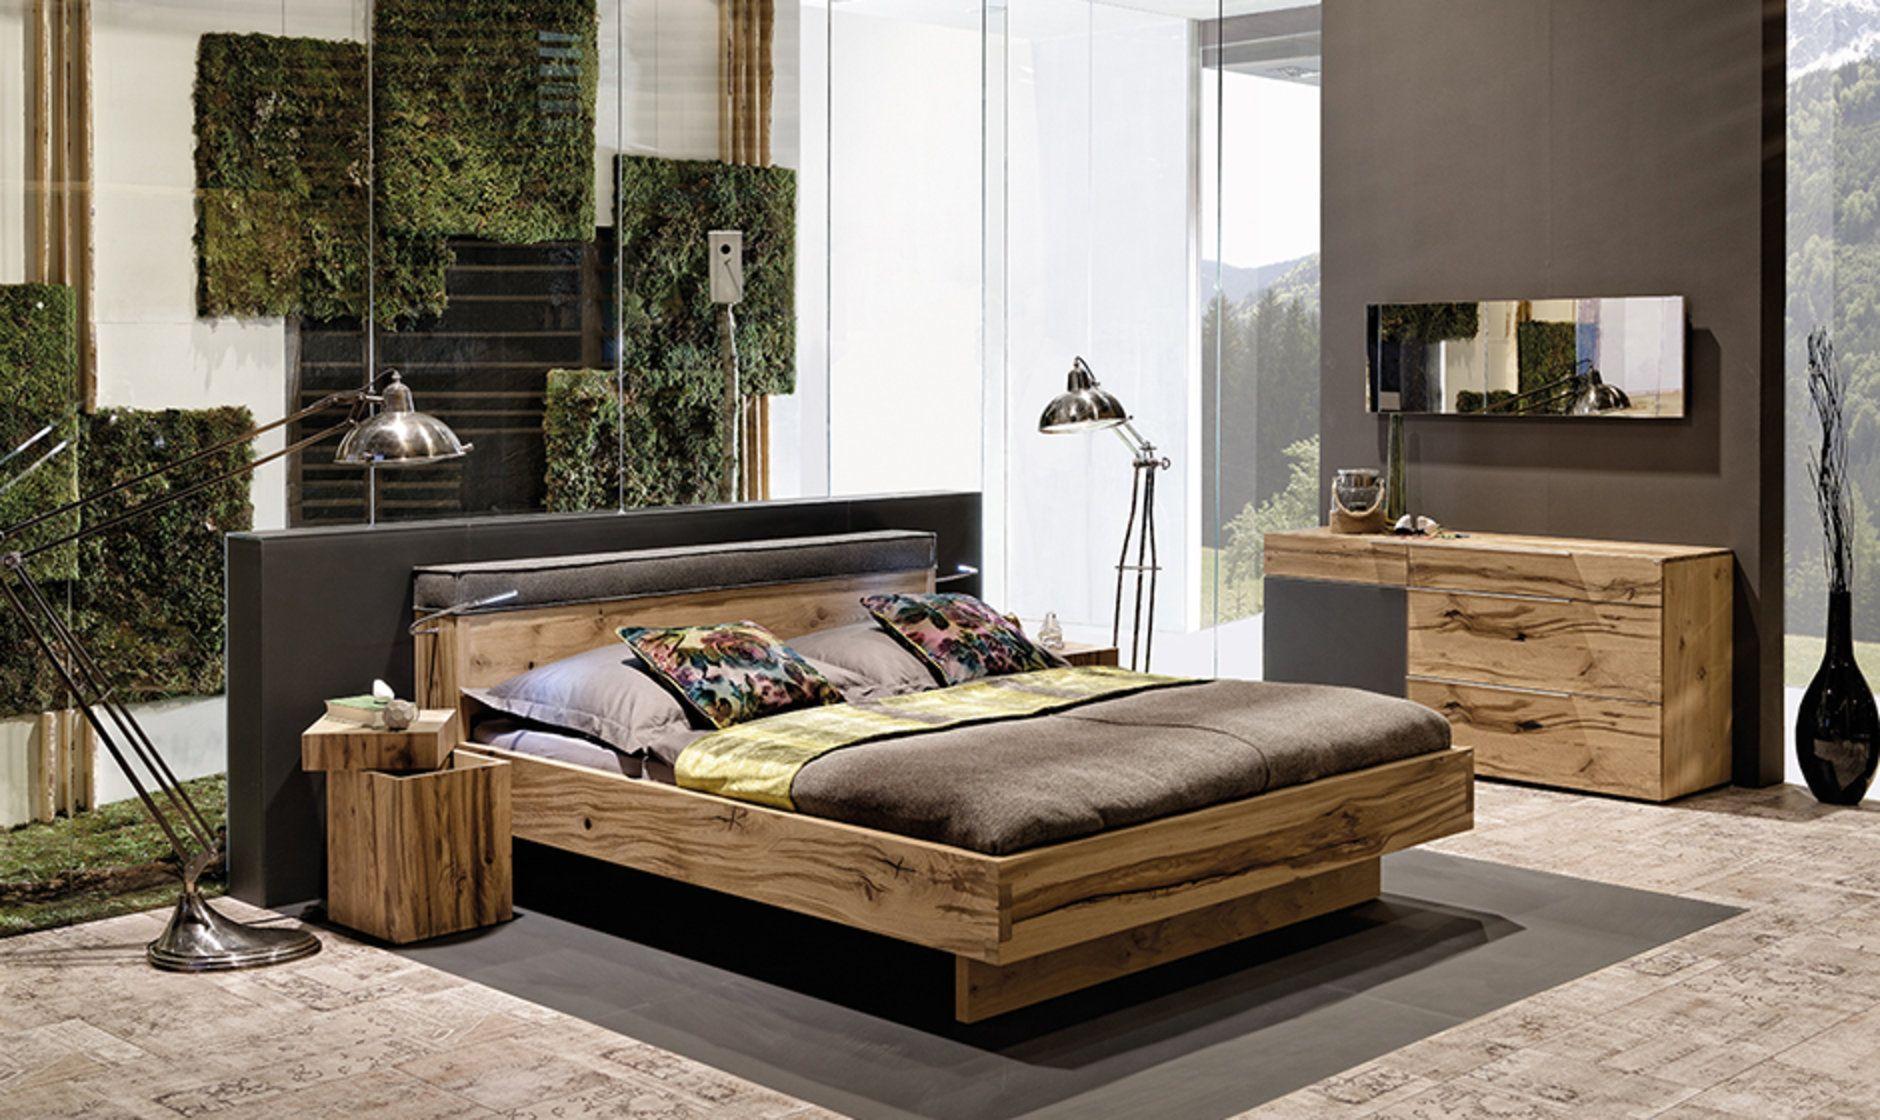 Fantastisch Aktuelles   Möbel   VOGLAUER